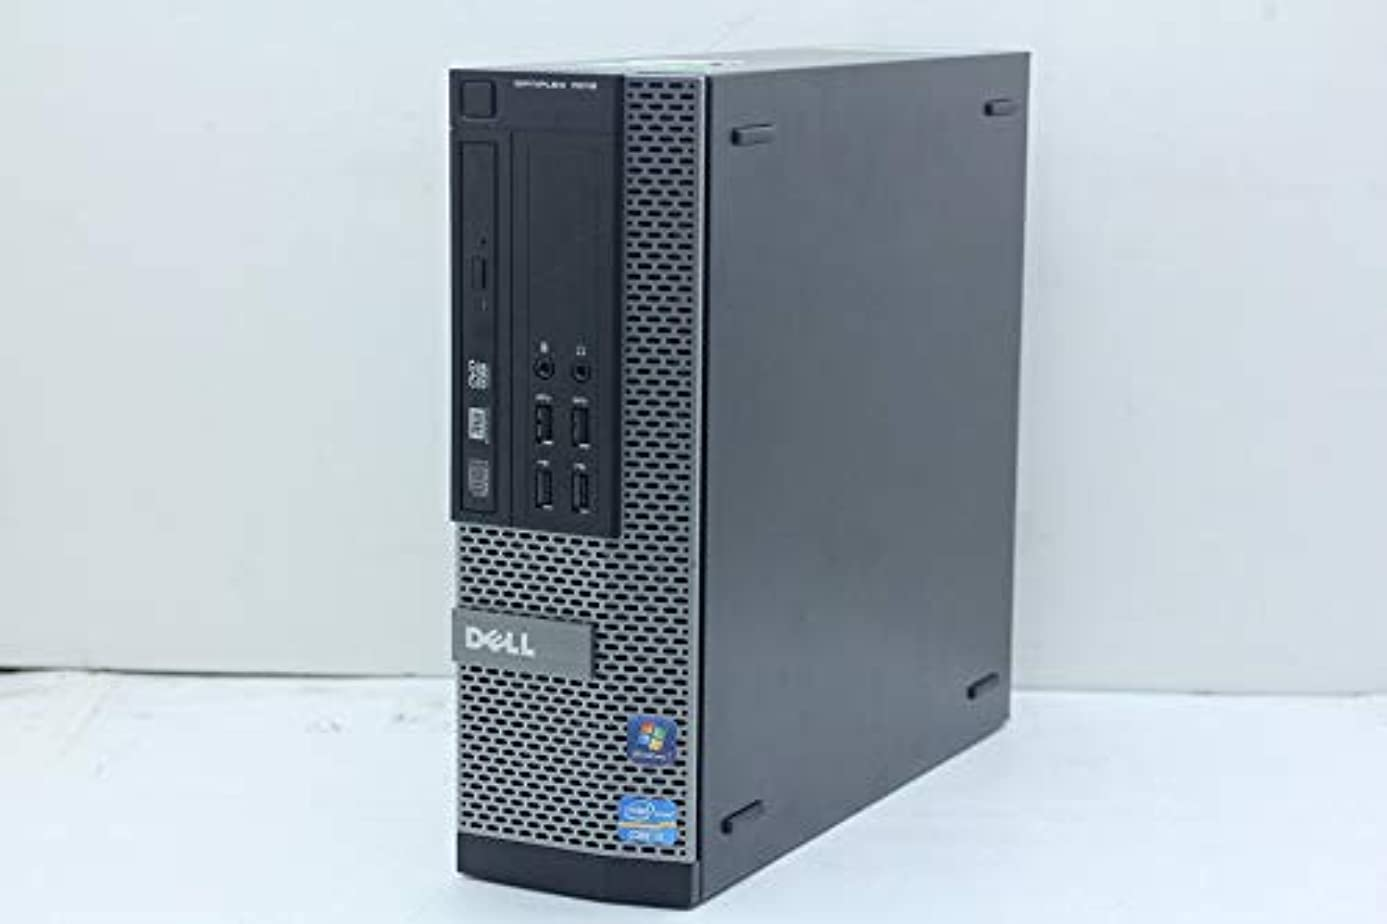 シロクマ寄付離婚【中古】 DELL OptiPlex 7010 SFF Core i5 3570 3.4GHz/4GB/500GB/Multi/RS232C/Win10